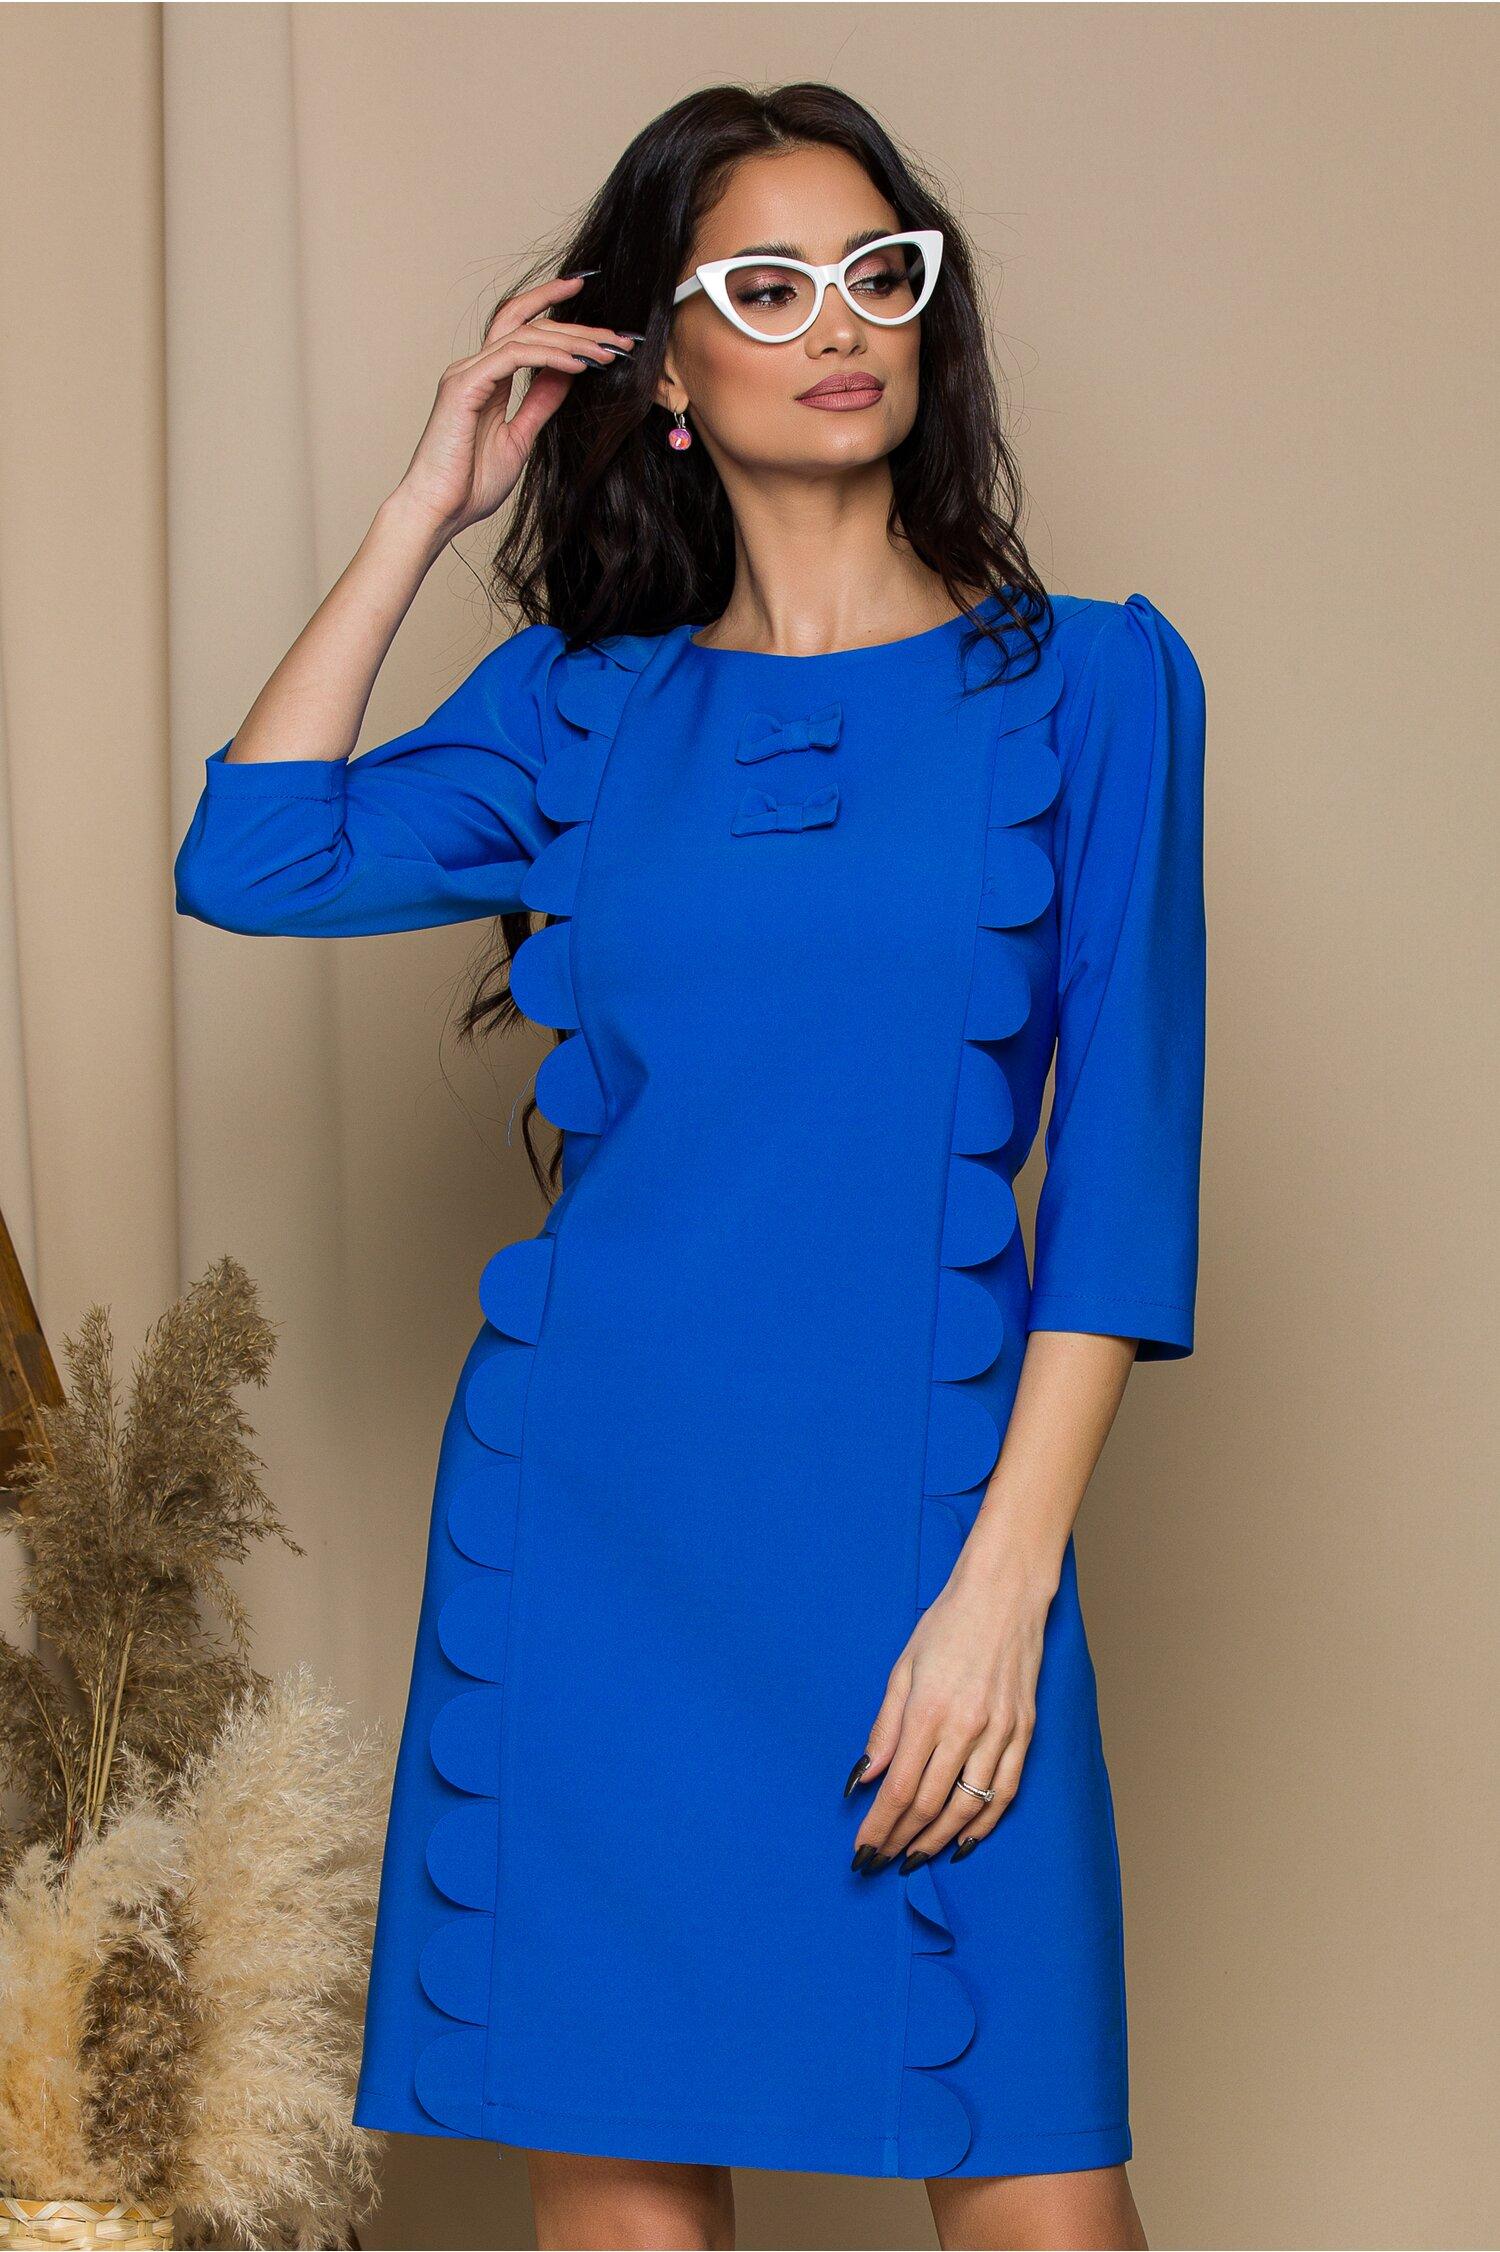 Rochie LaDonna albastru cu aplicatii tip petale